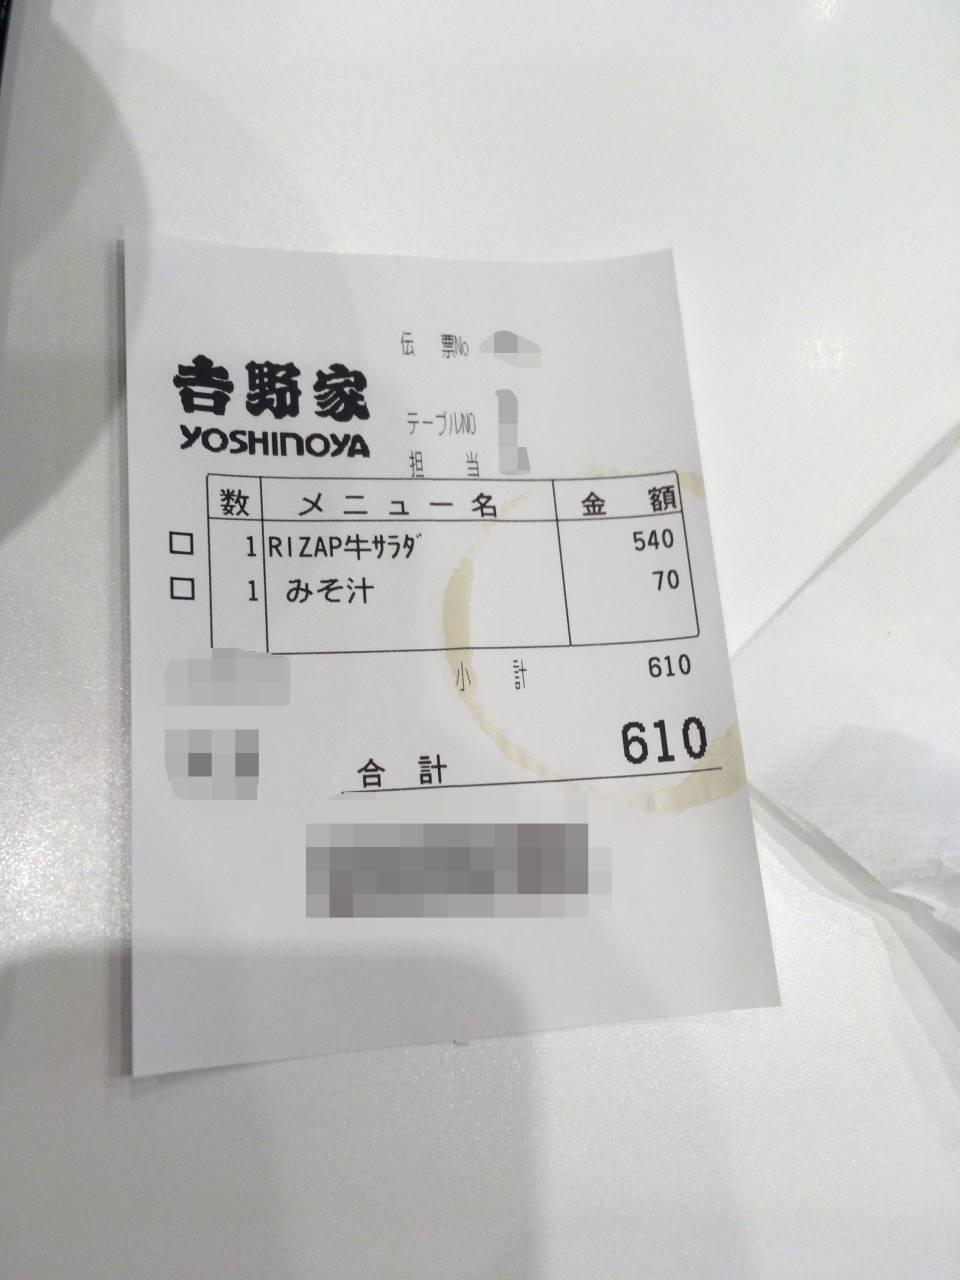 ライザップ牛サラダとみそ汁の会計伝票